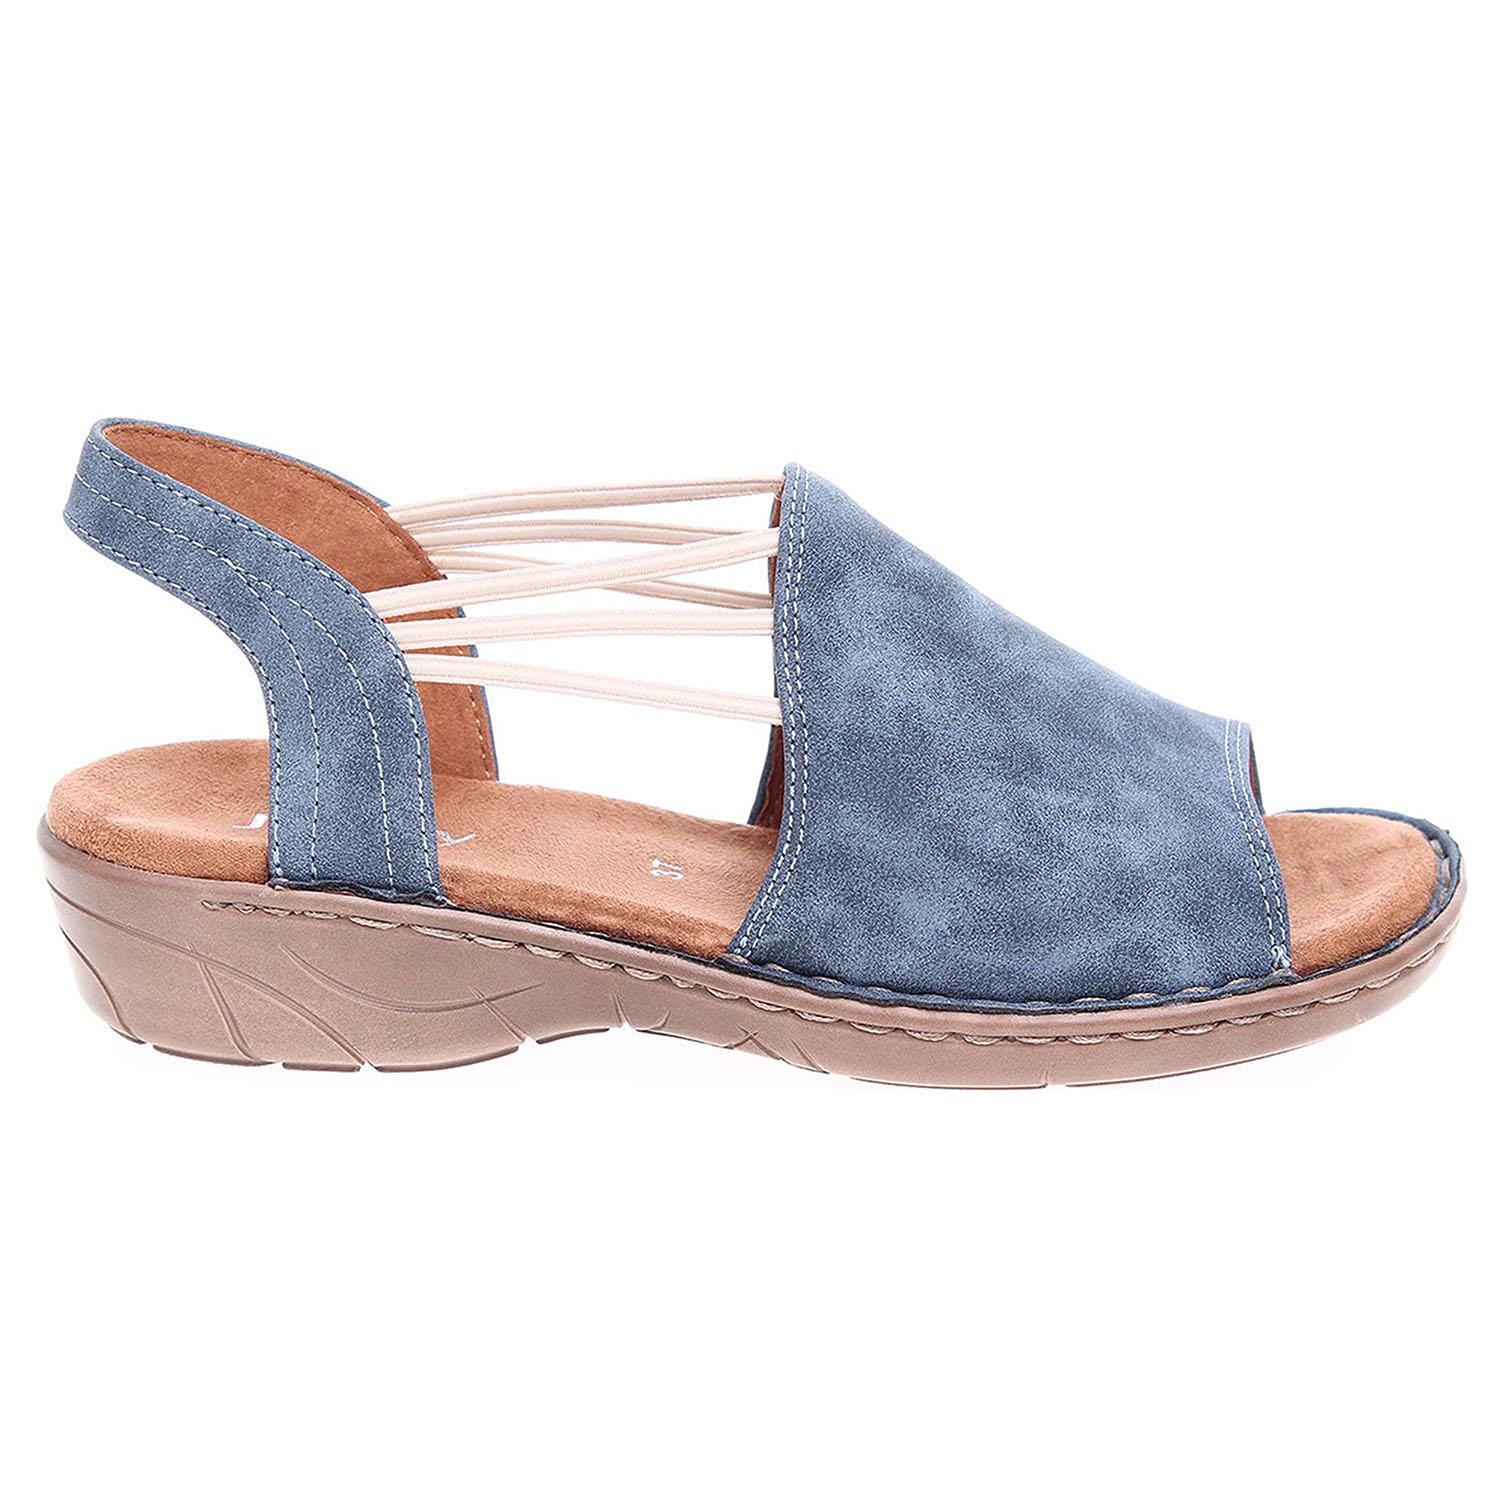 Ecco Ara dámské sandály 57283-77 modré 23801143